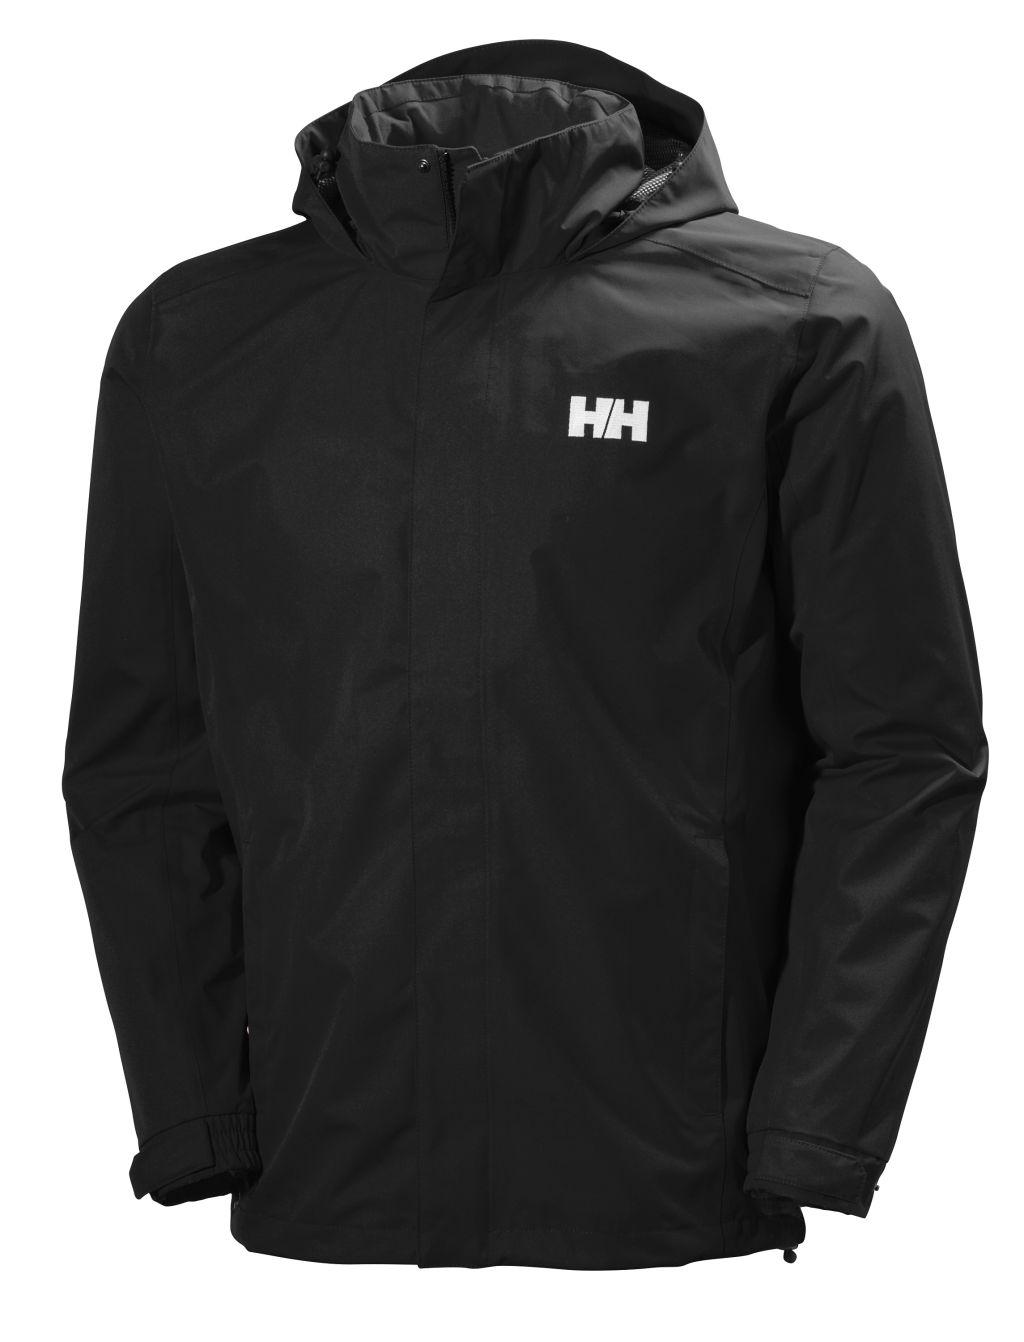 Helly Hansen Dubliner Jacket miesten ulkoilutakki Musta fbf2aeb91a